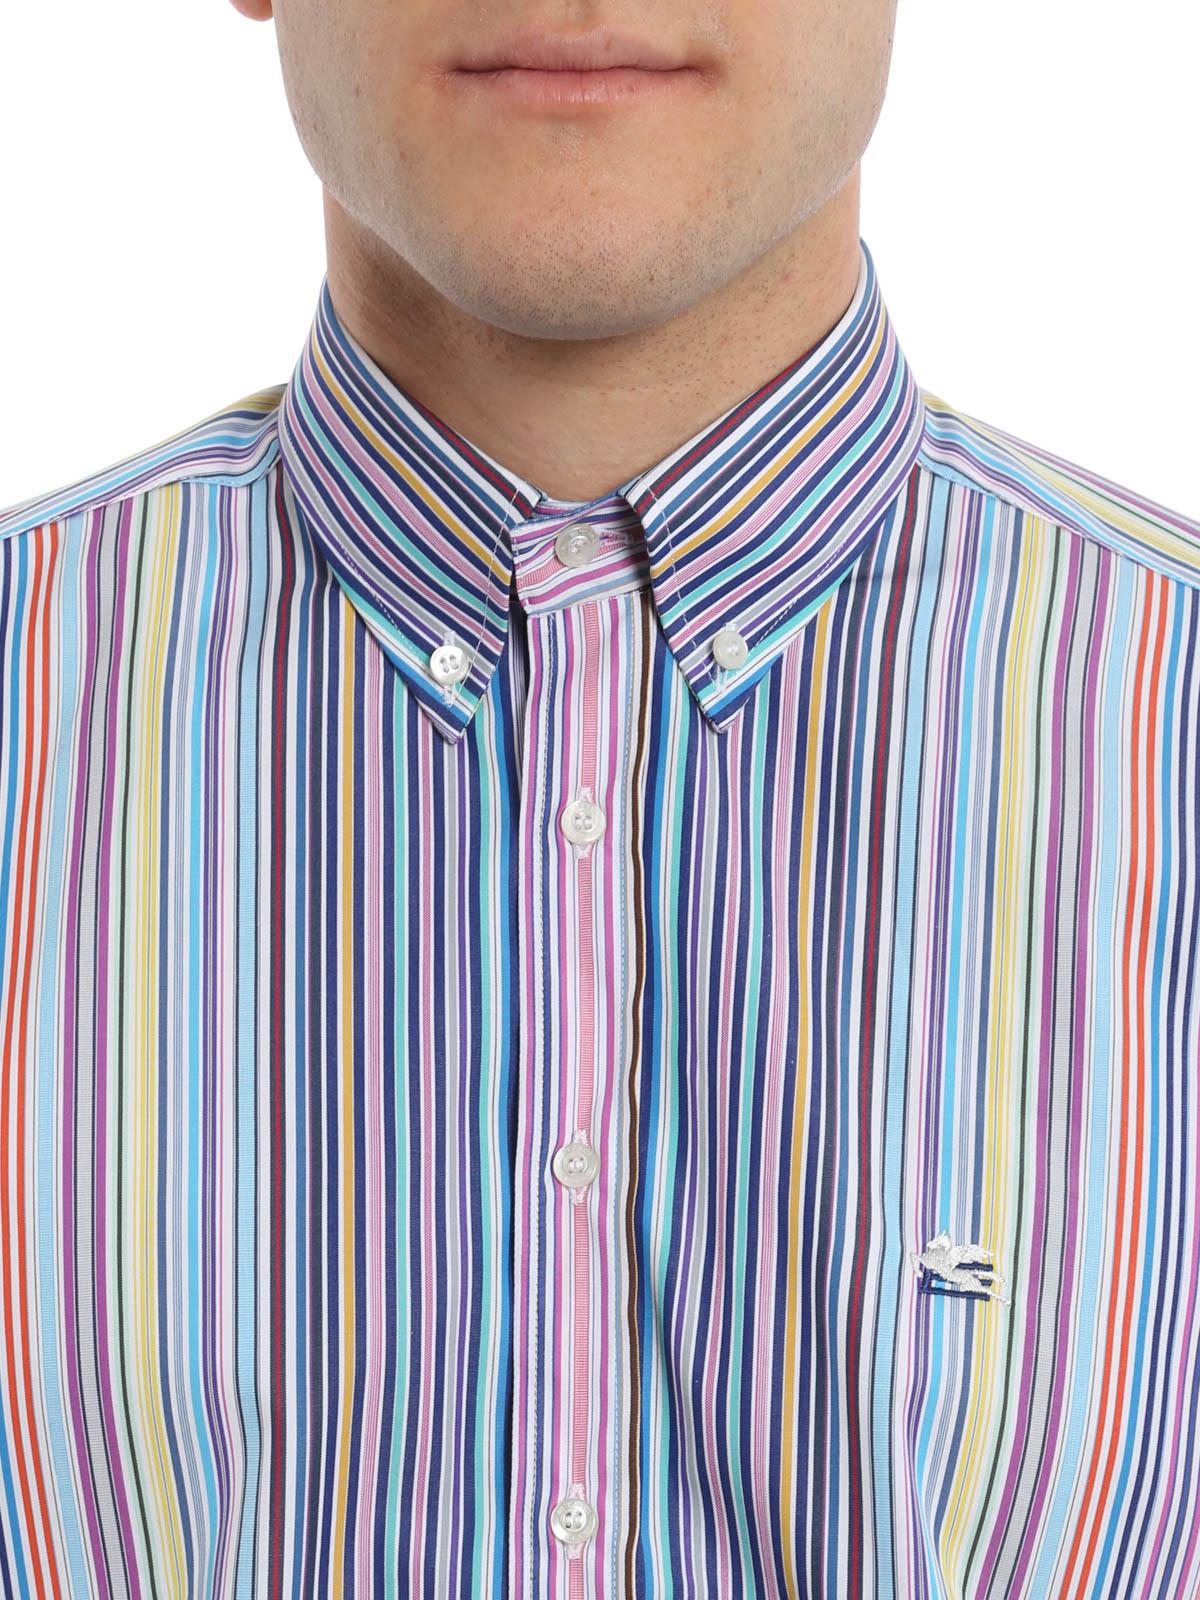 new arrival e7679 65849 Etro - Camicia stampa a righe - camicie - 16365 6023 250 ...